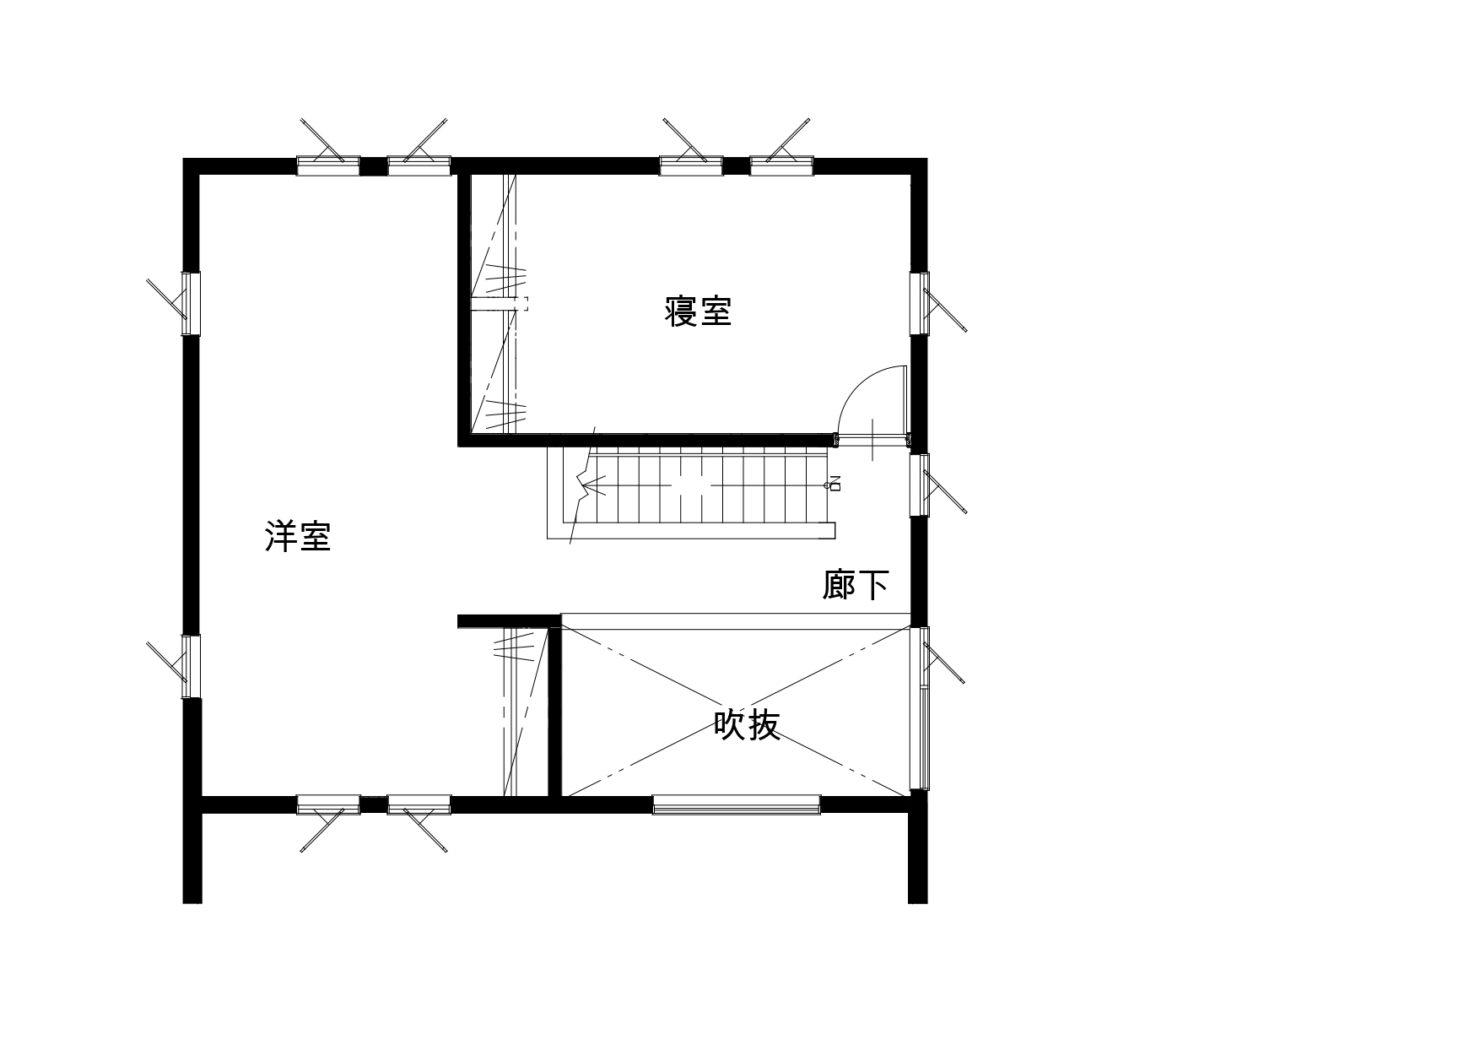 ハウスM21 北上市村崎野建売住宅 2F図面